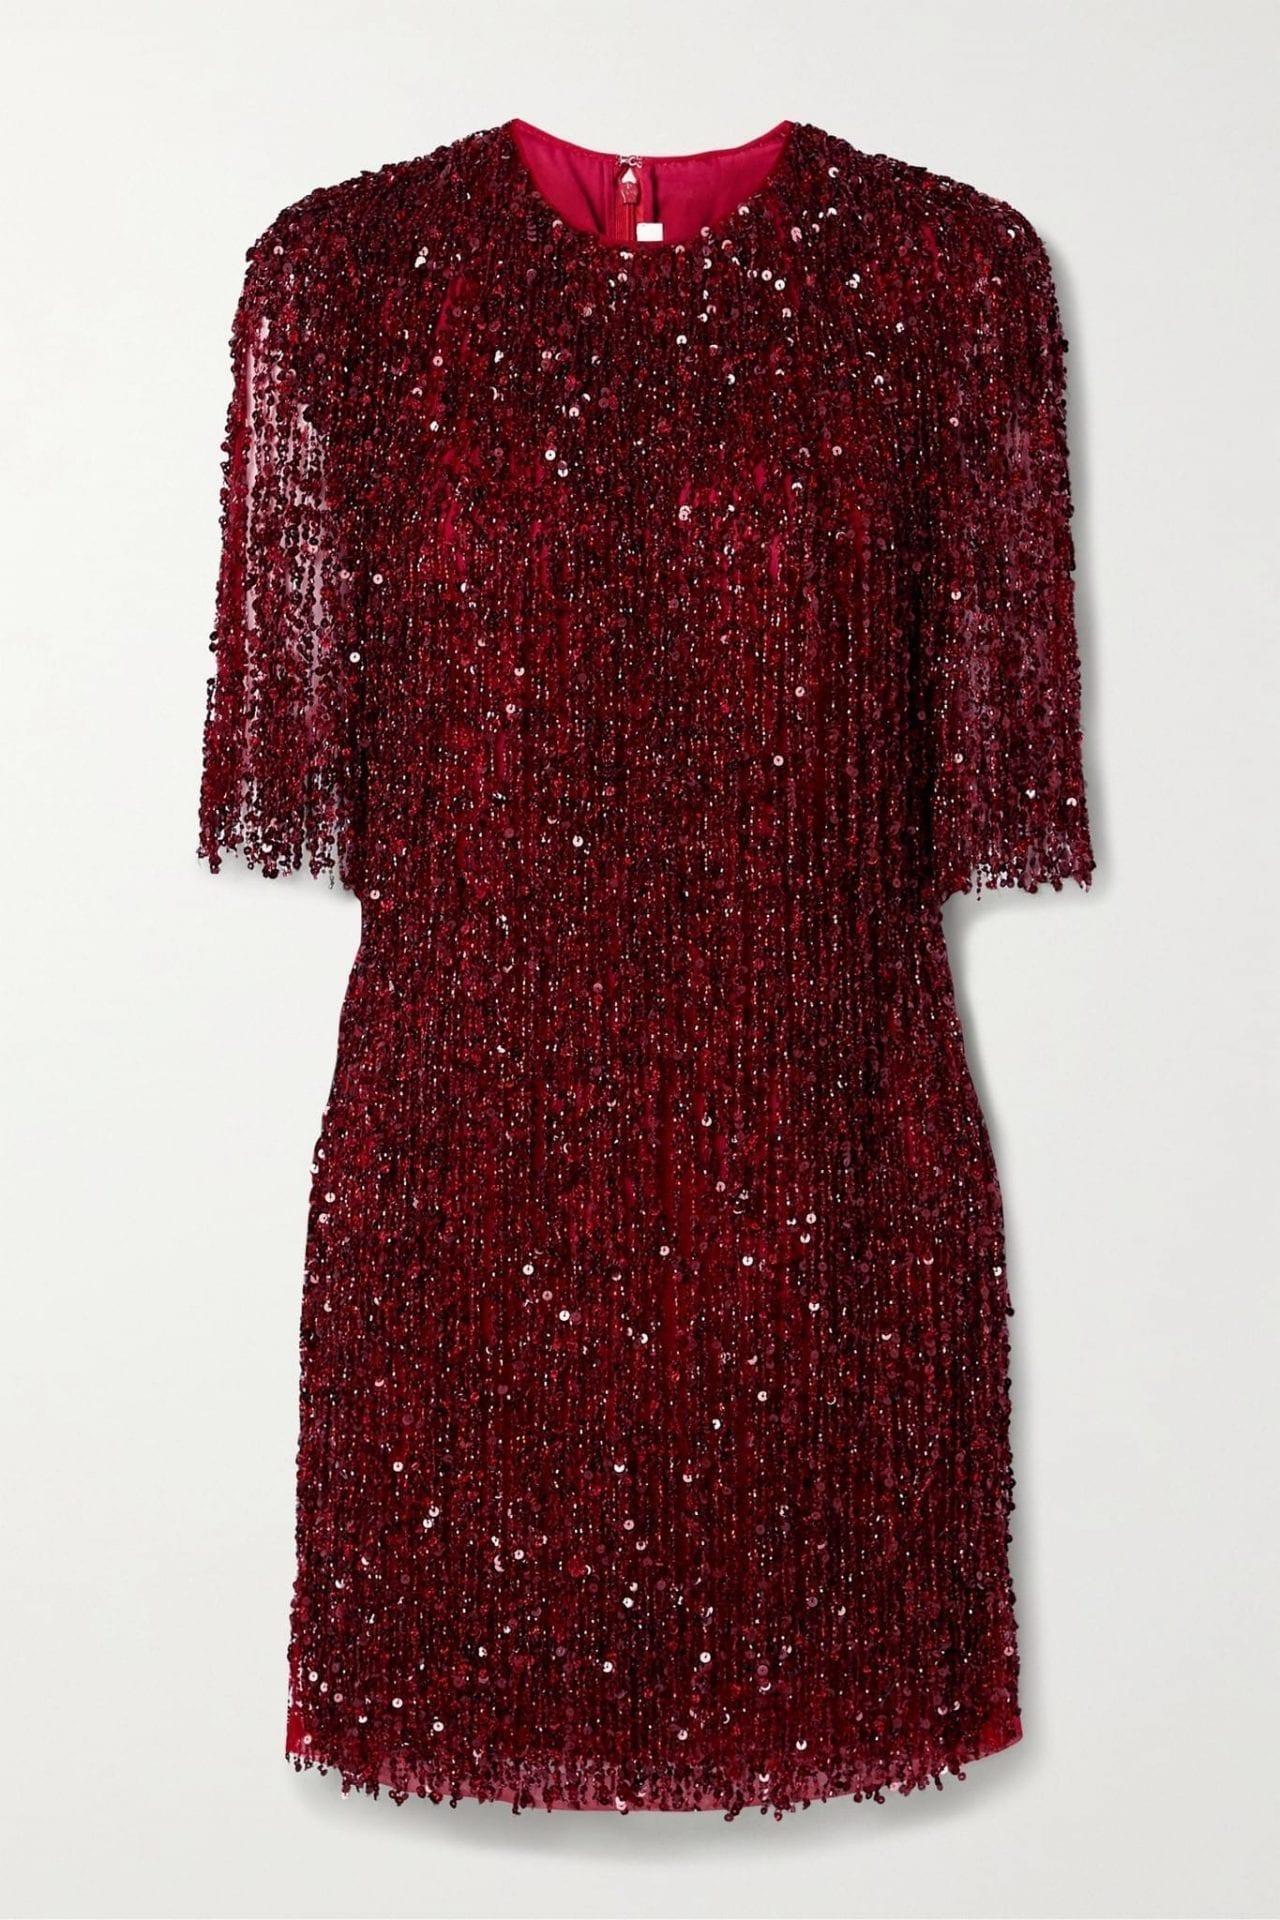 NAEEM KHAN Embellished Fringed Tulle Mini Dress